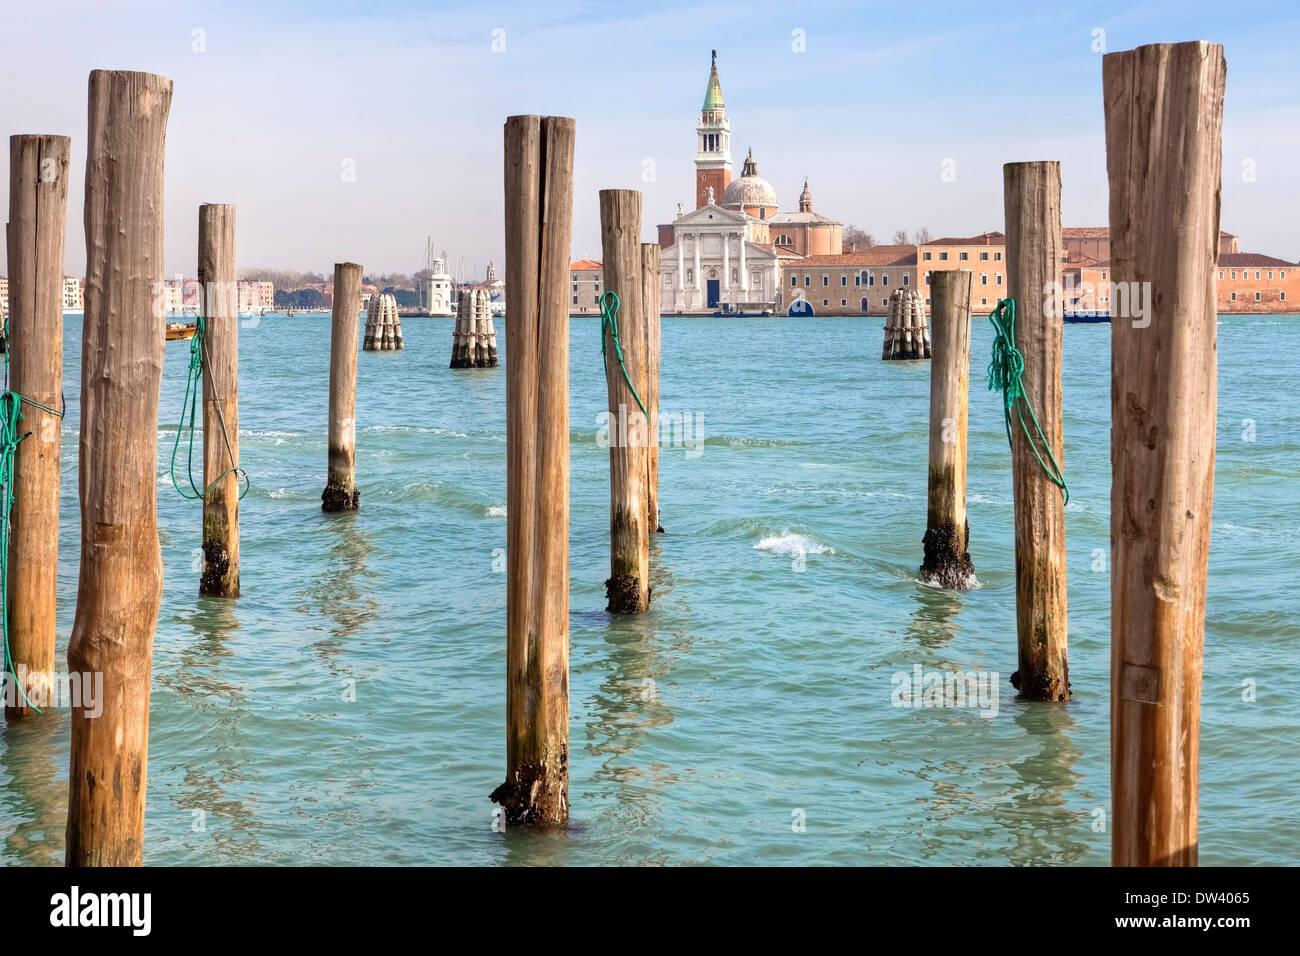 Bacino di San Marco, San Giorgio Maggiore, Venice - Stock Image